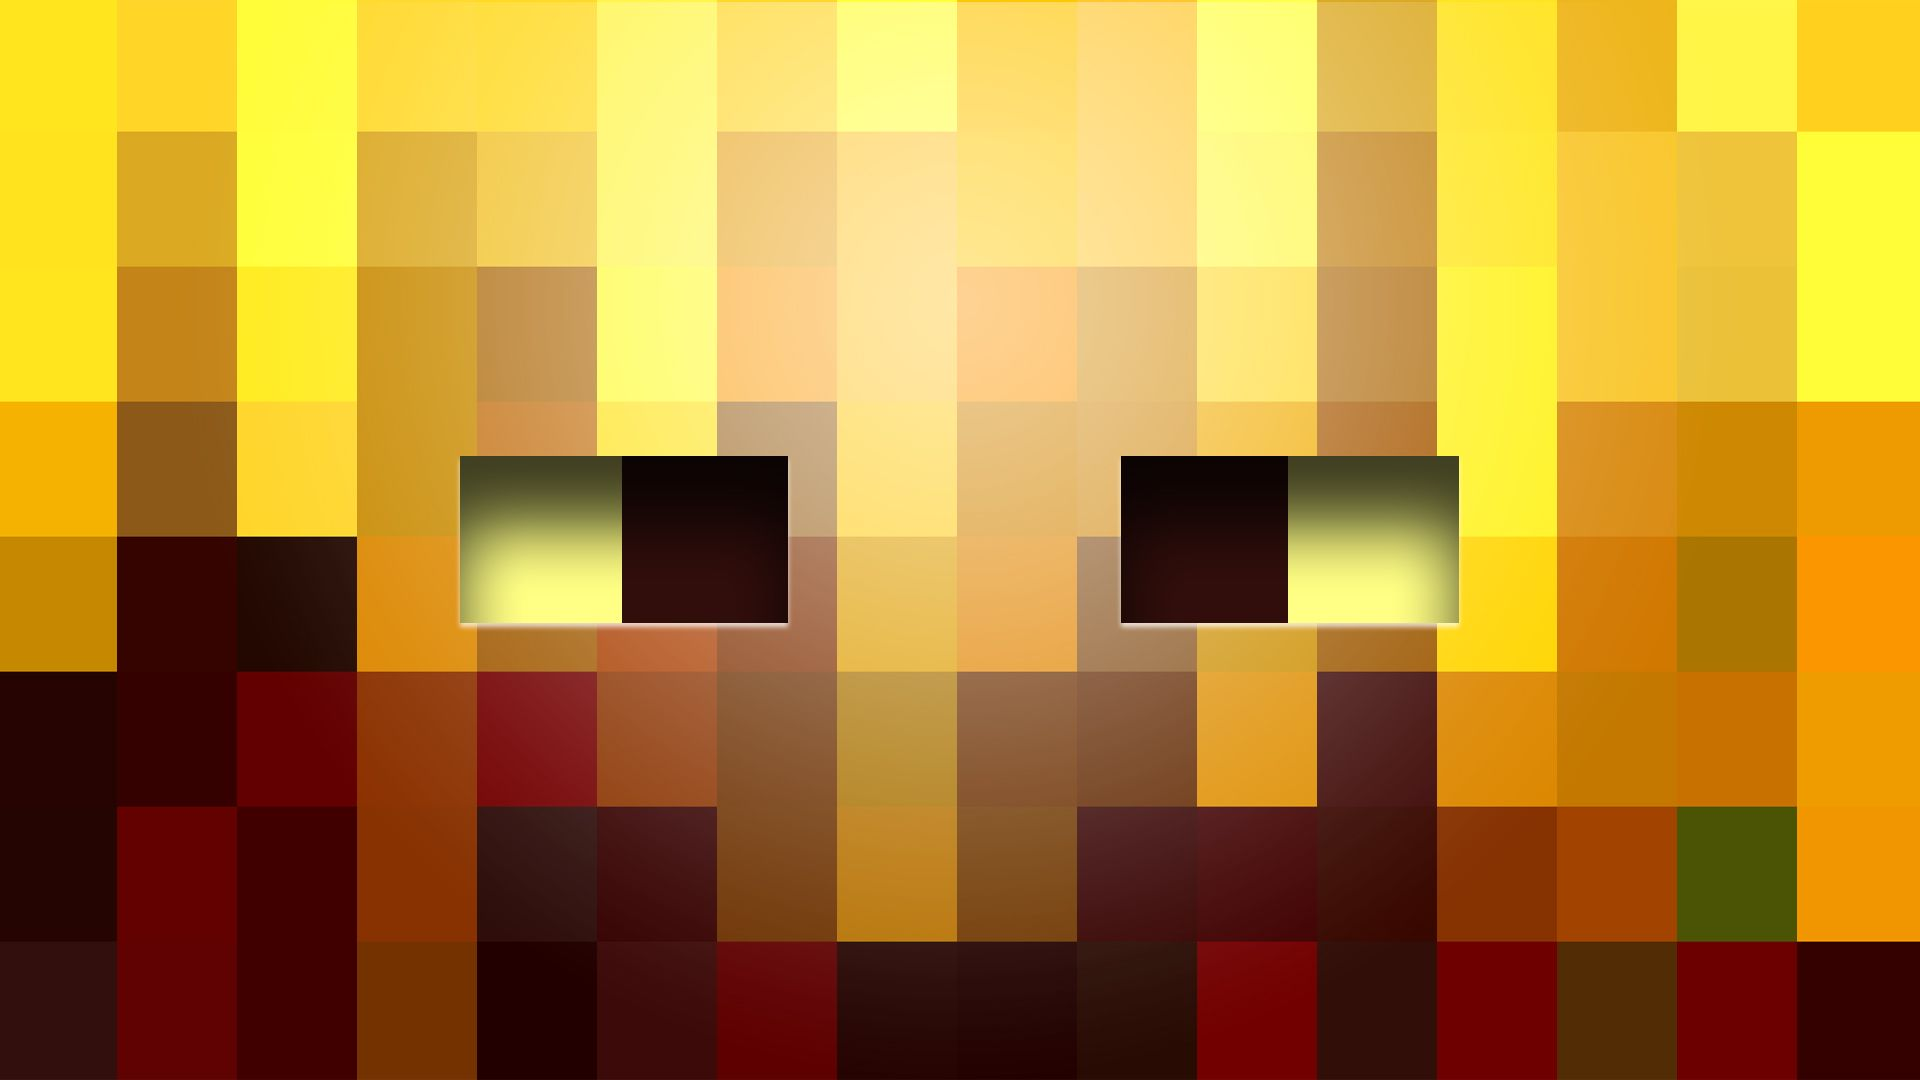 Most Inspiring Wallpaper Minecraft Gold - 29995d6861e86ff1a4e1f0da5d1b9710  Collection_685216.jpg